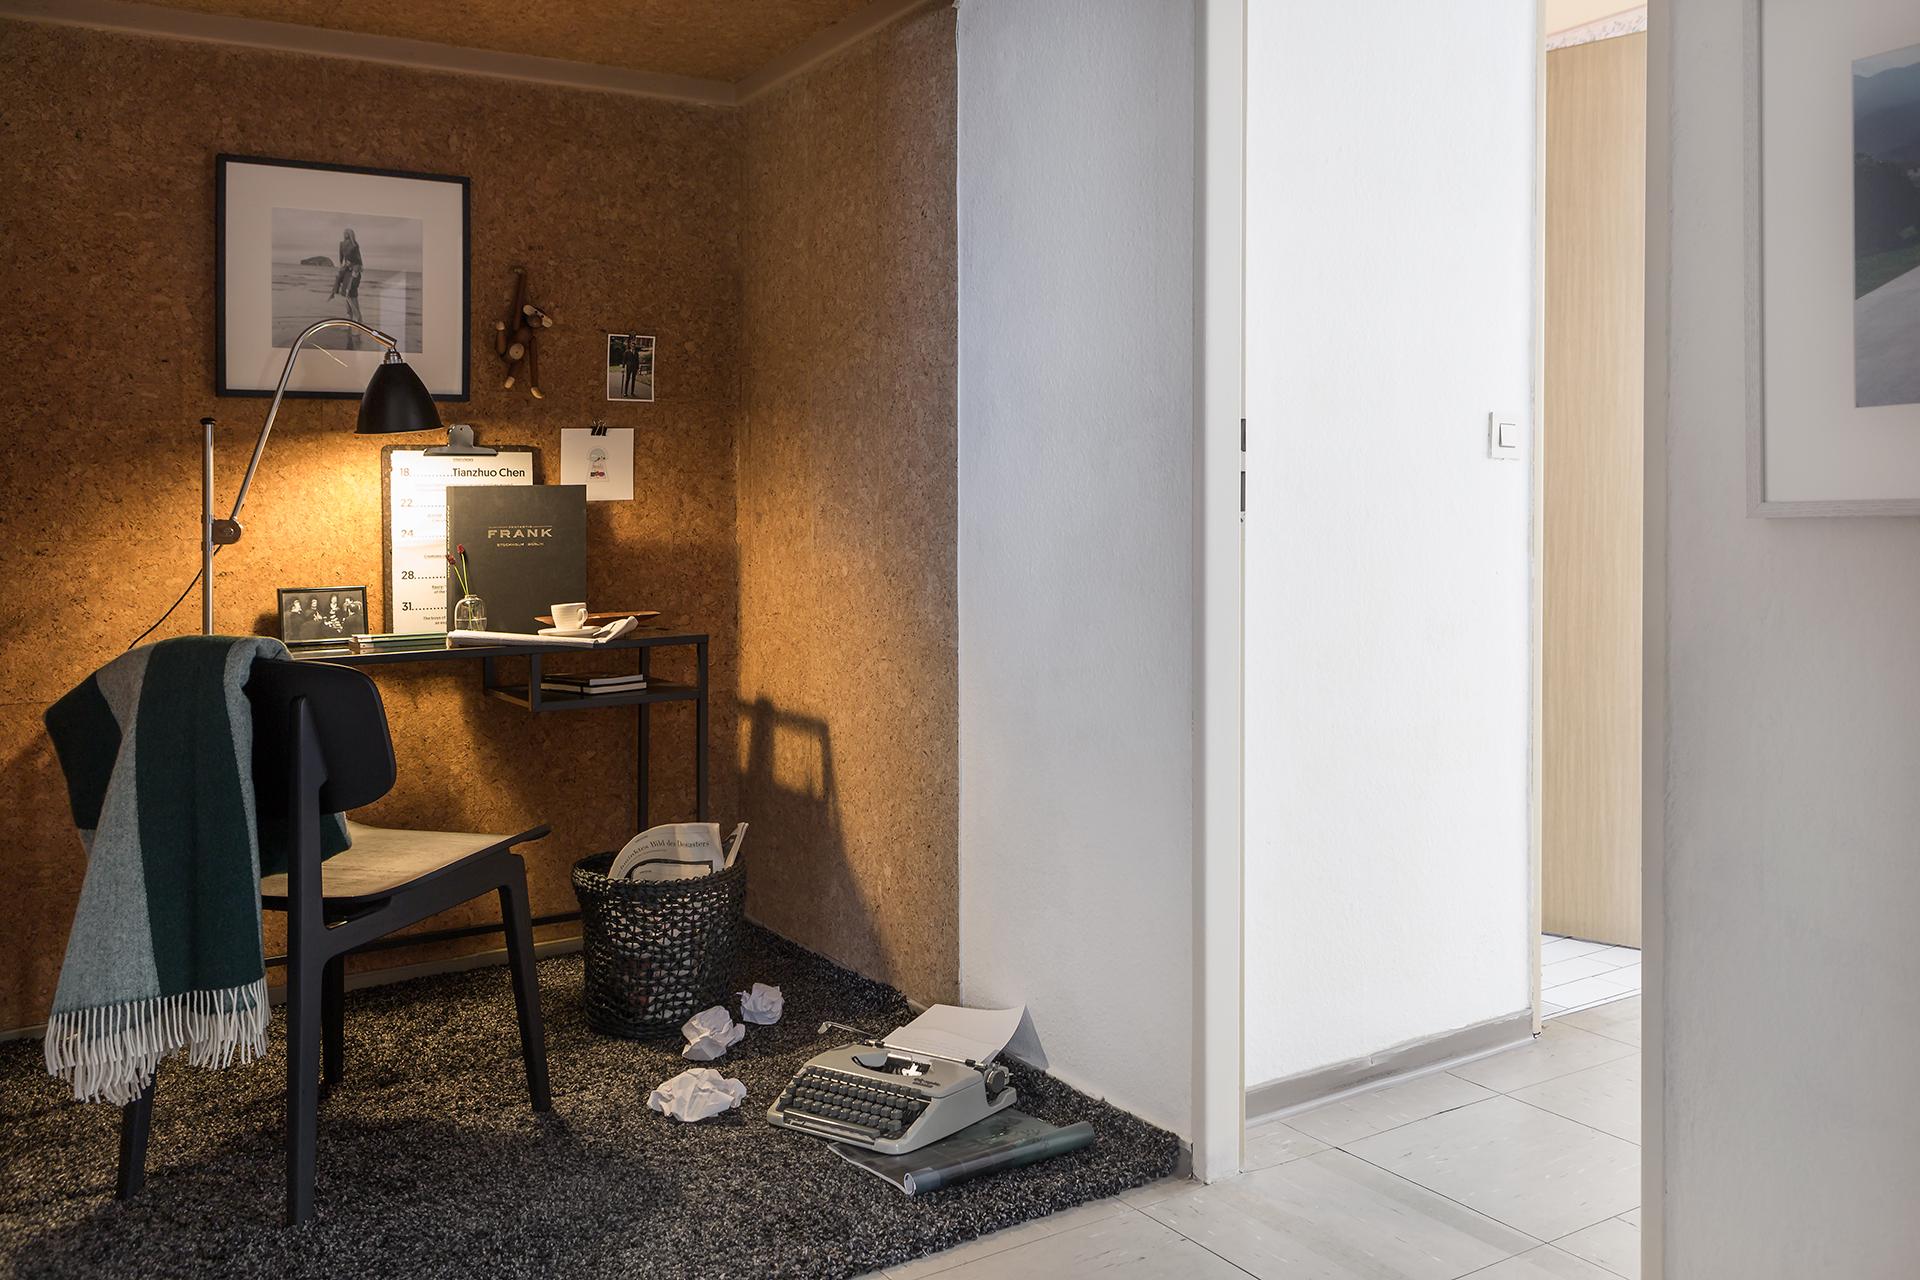 #homeoffice#hemmakontor#inredningsblogg#joelhome